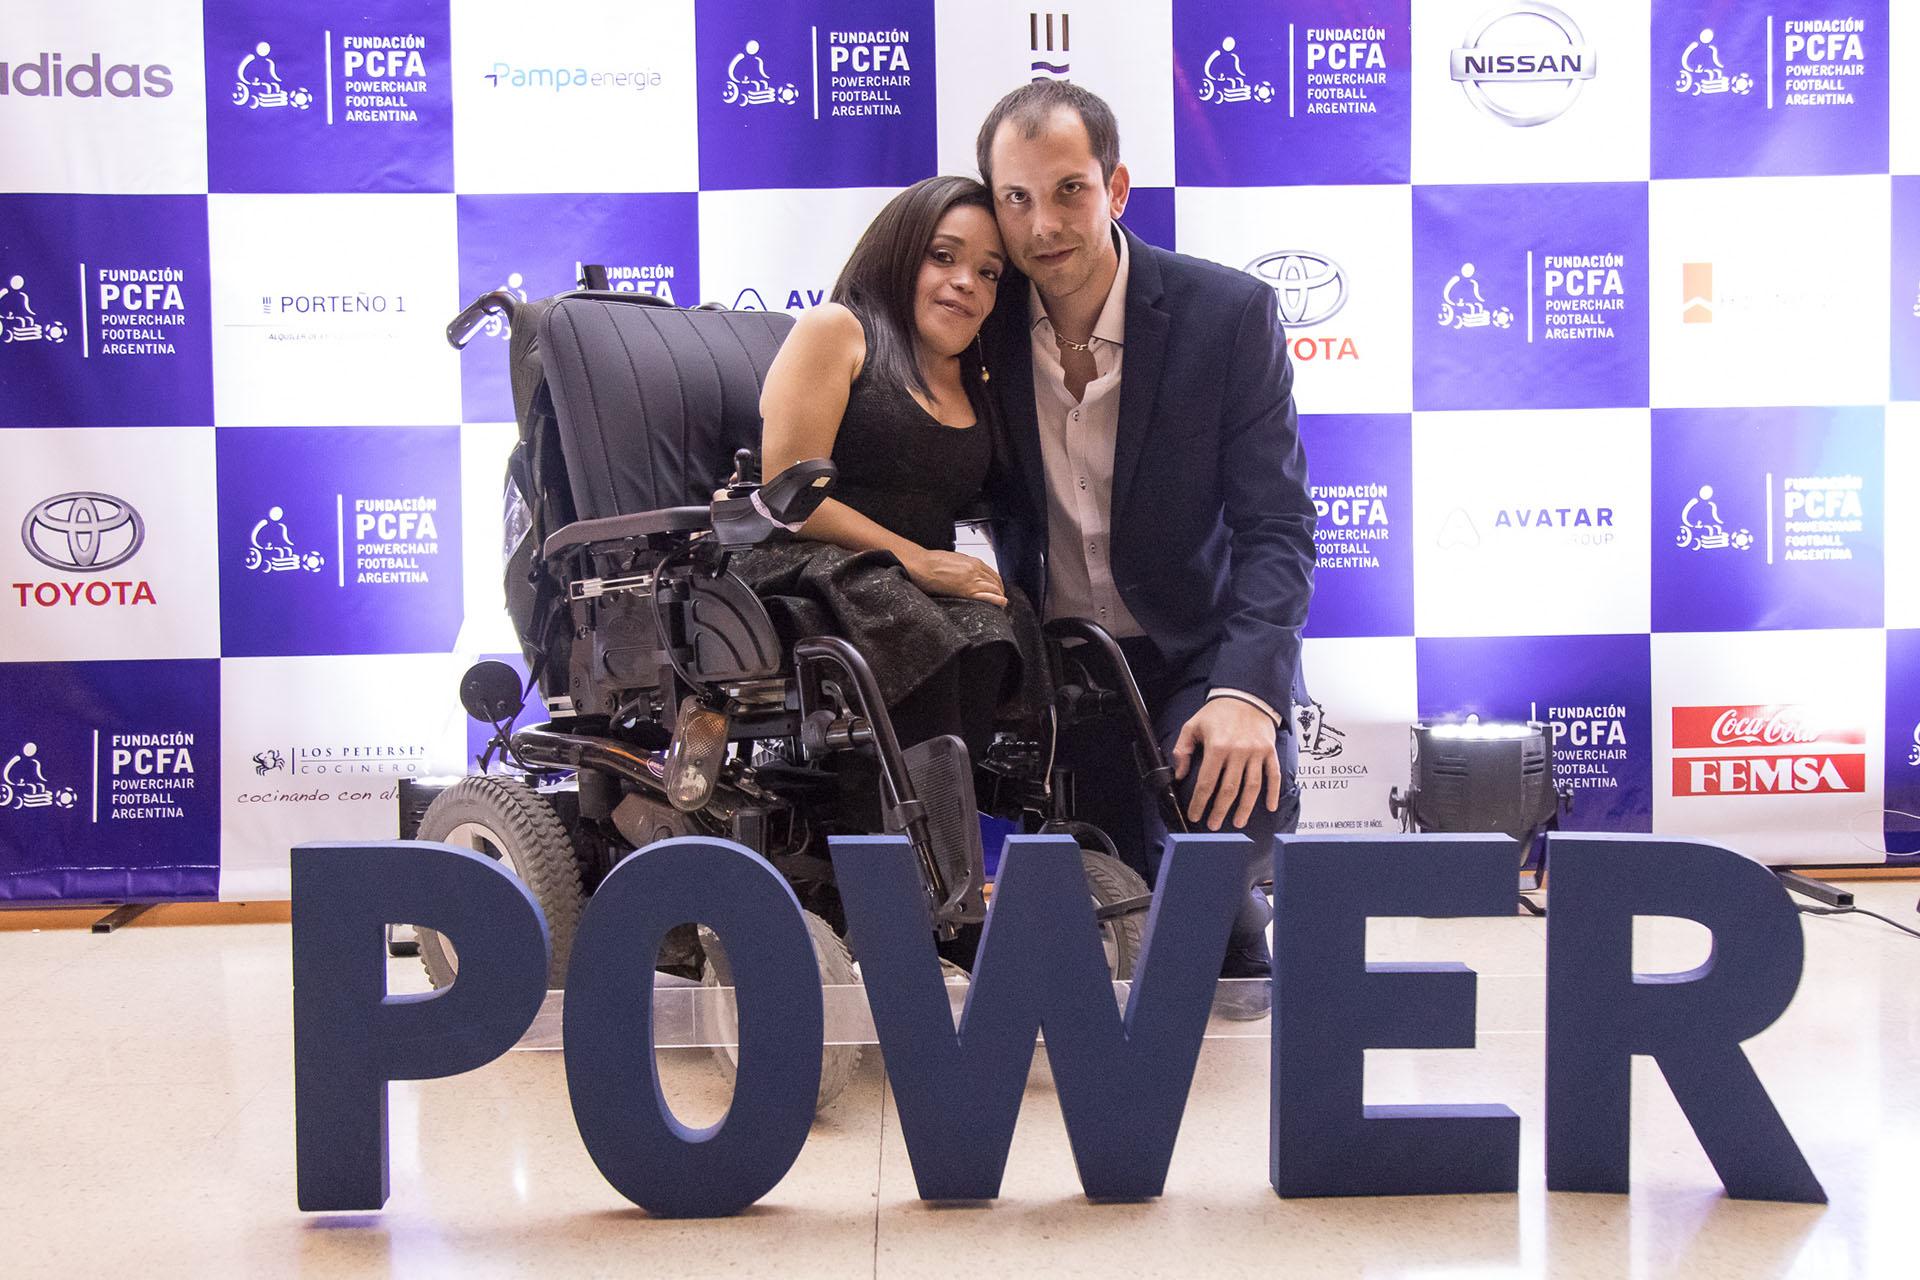 En la foto, Sandra Arar y Baptiste Barriere, entrenador de la Selección Argentina de Powerchair